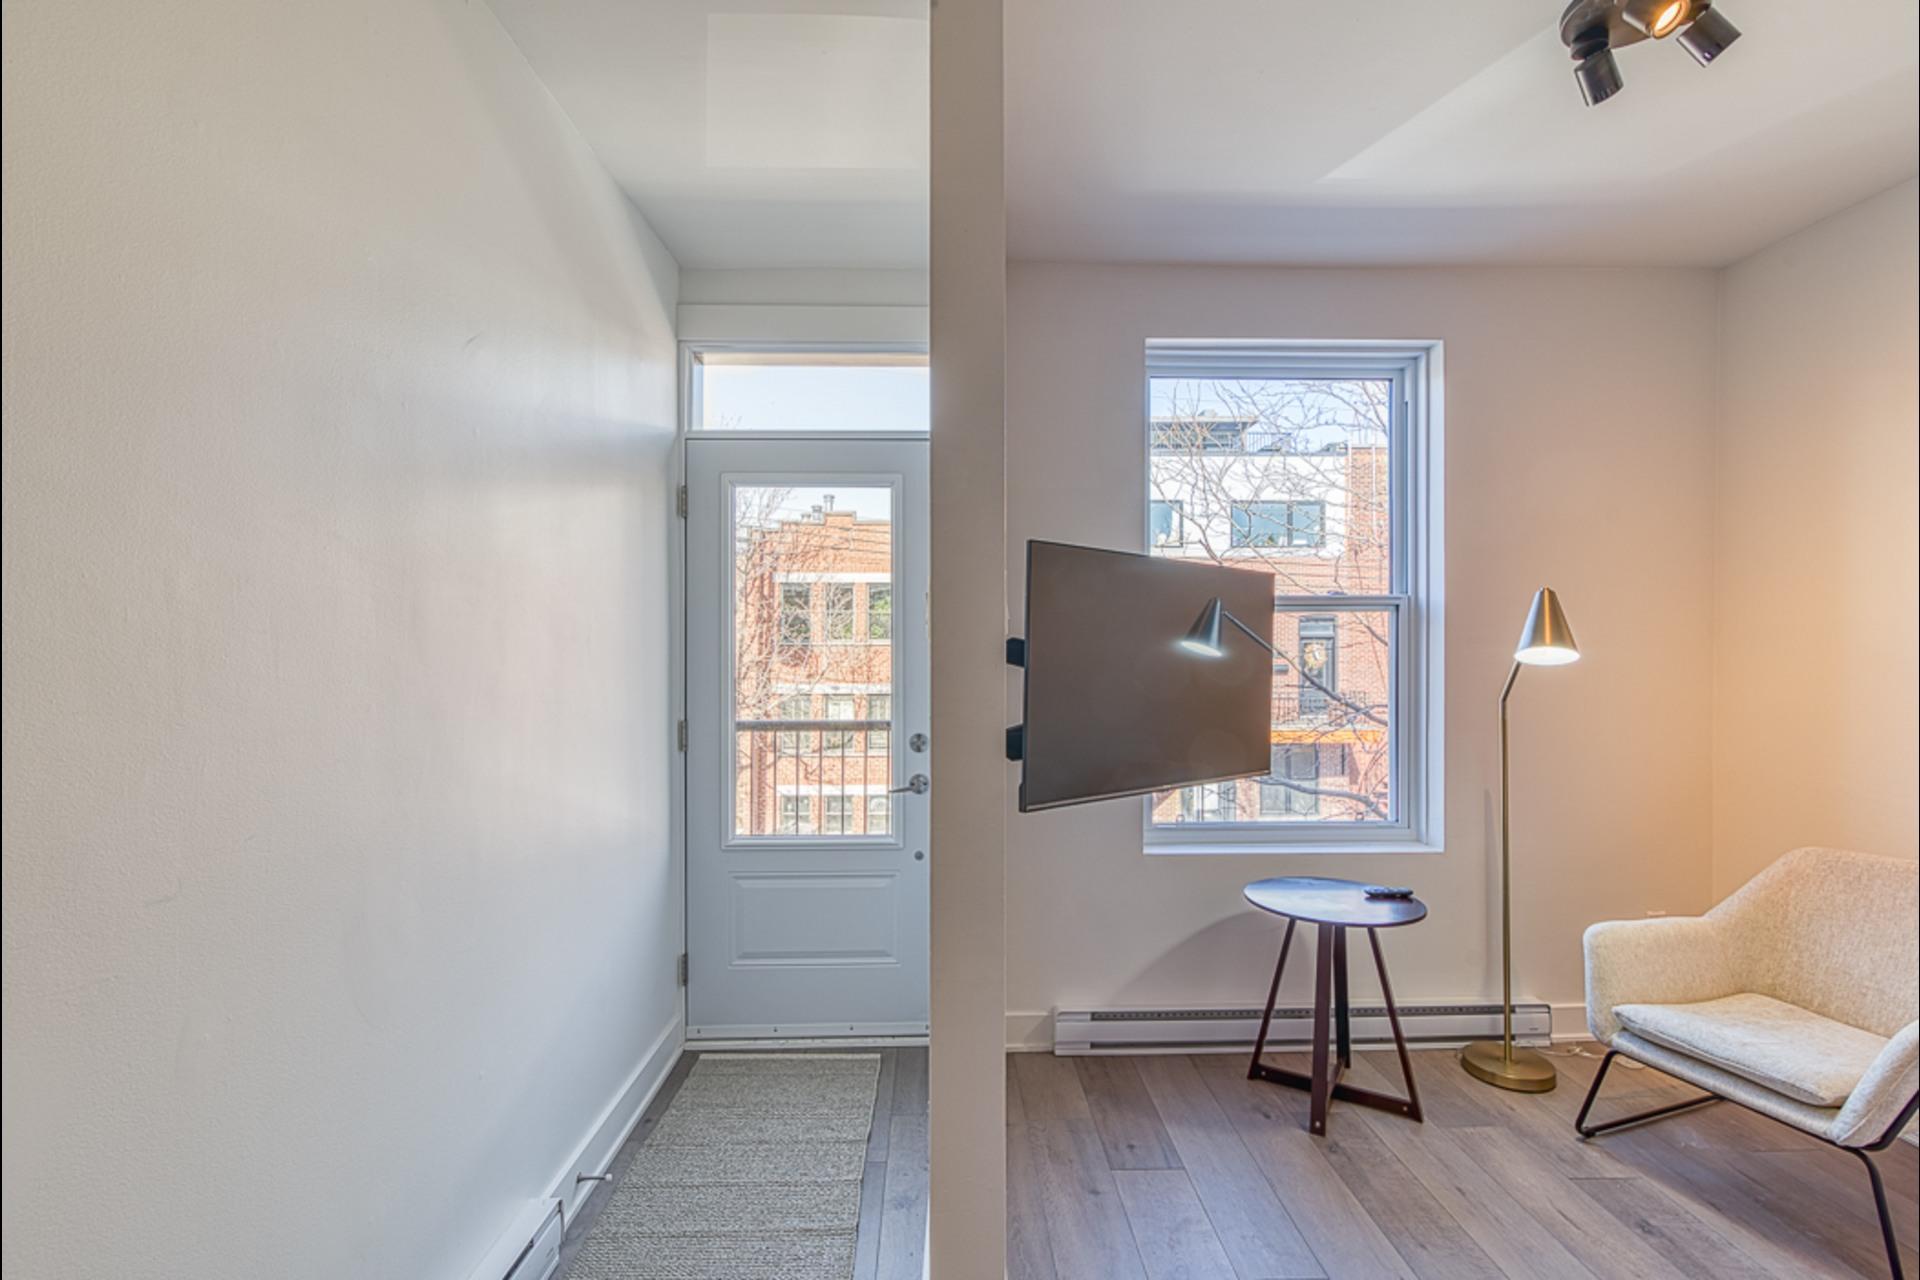 image 2 - Departamento Para alquiler Montréal - 2 habitaciones